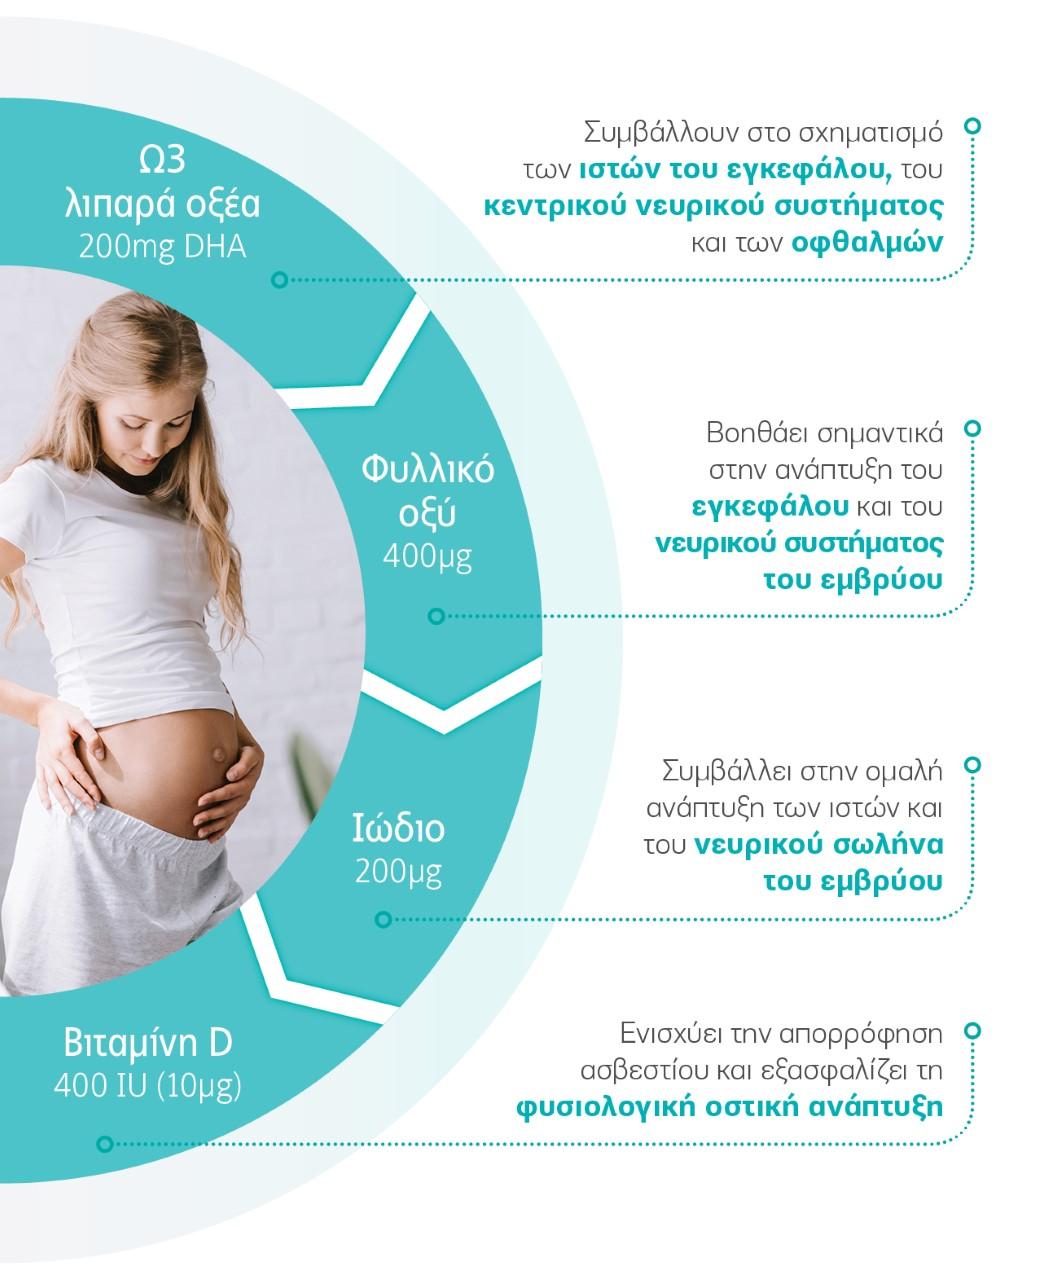 Διατροφή στην εγκυμοσύνη | 10 χρήσιμα tips και τα απαραίτητα θρεπτικά συστατικά που χρειάζεσαι